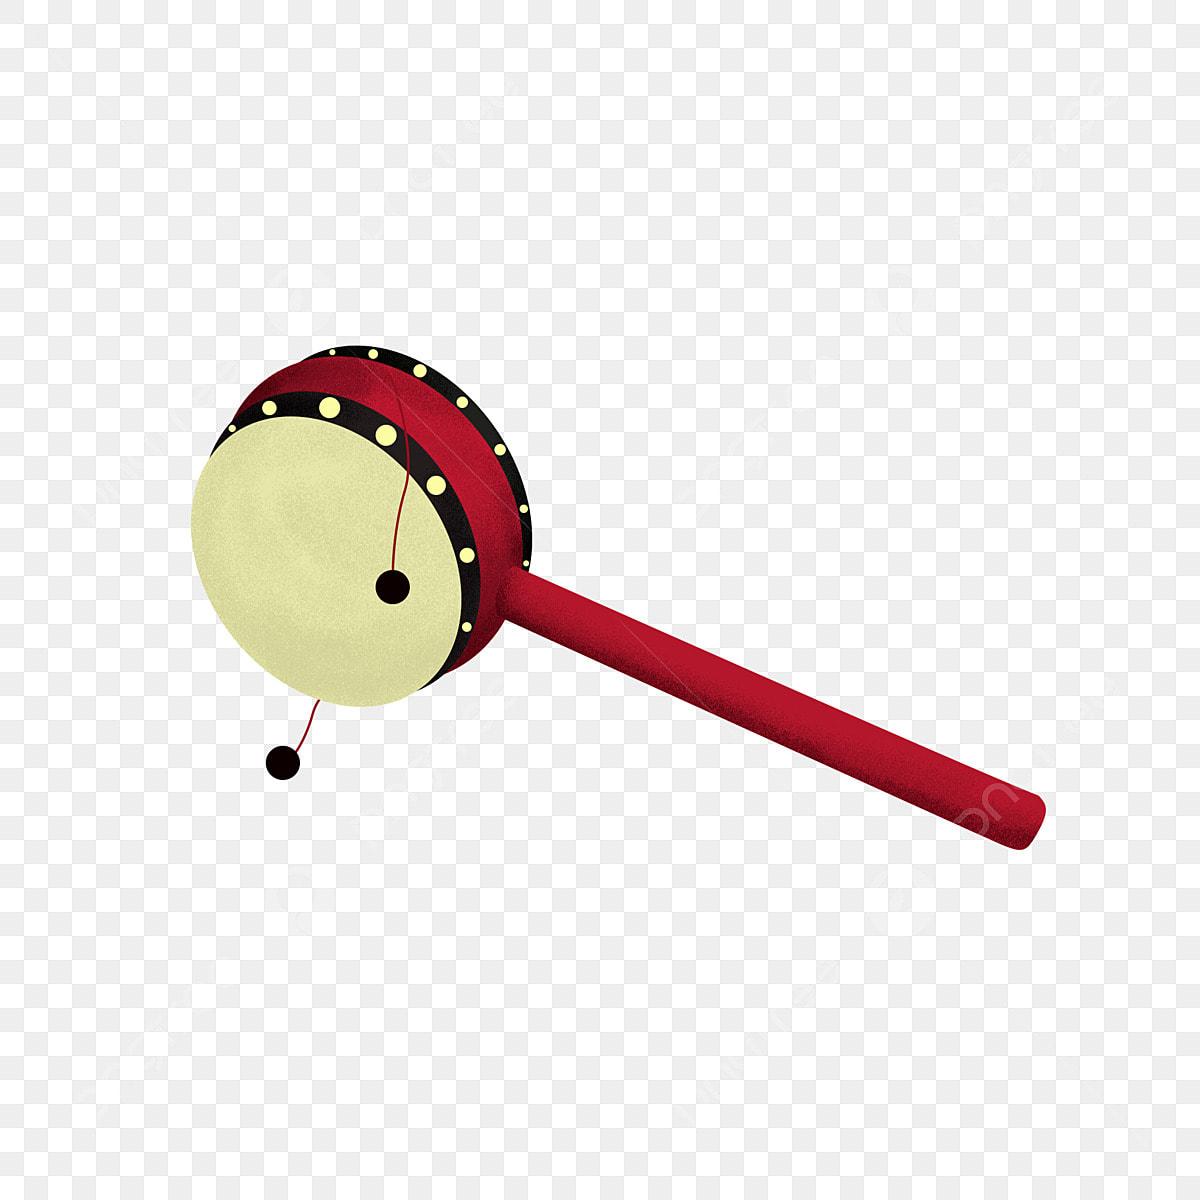 Gambar Mainan Permainan Kanak Kanak Cina Tradisional Yang Digerakkan Oleh Angin Mainan Tangan Dicat Mainan Kanak Kanak Mainan Png Dan Psd Untuk Muat Turun Percuma